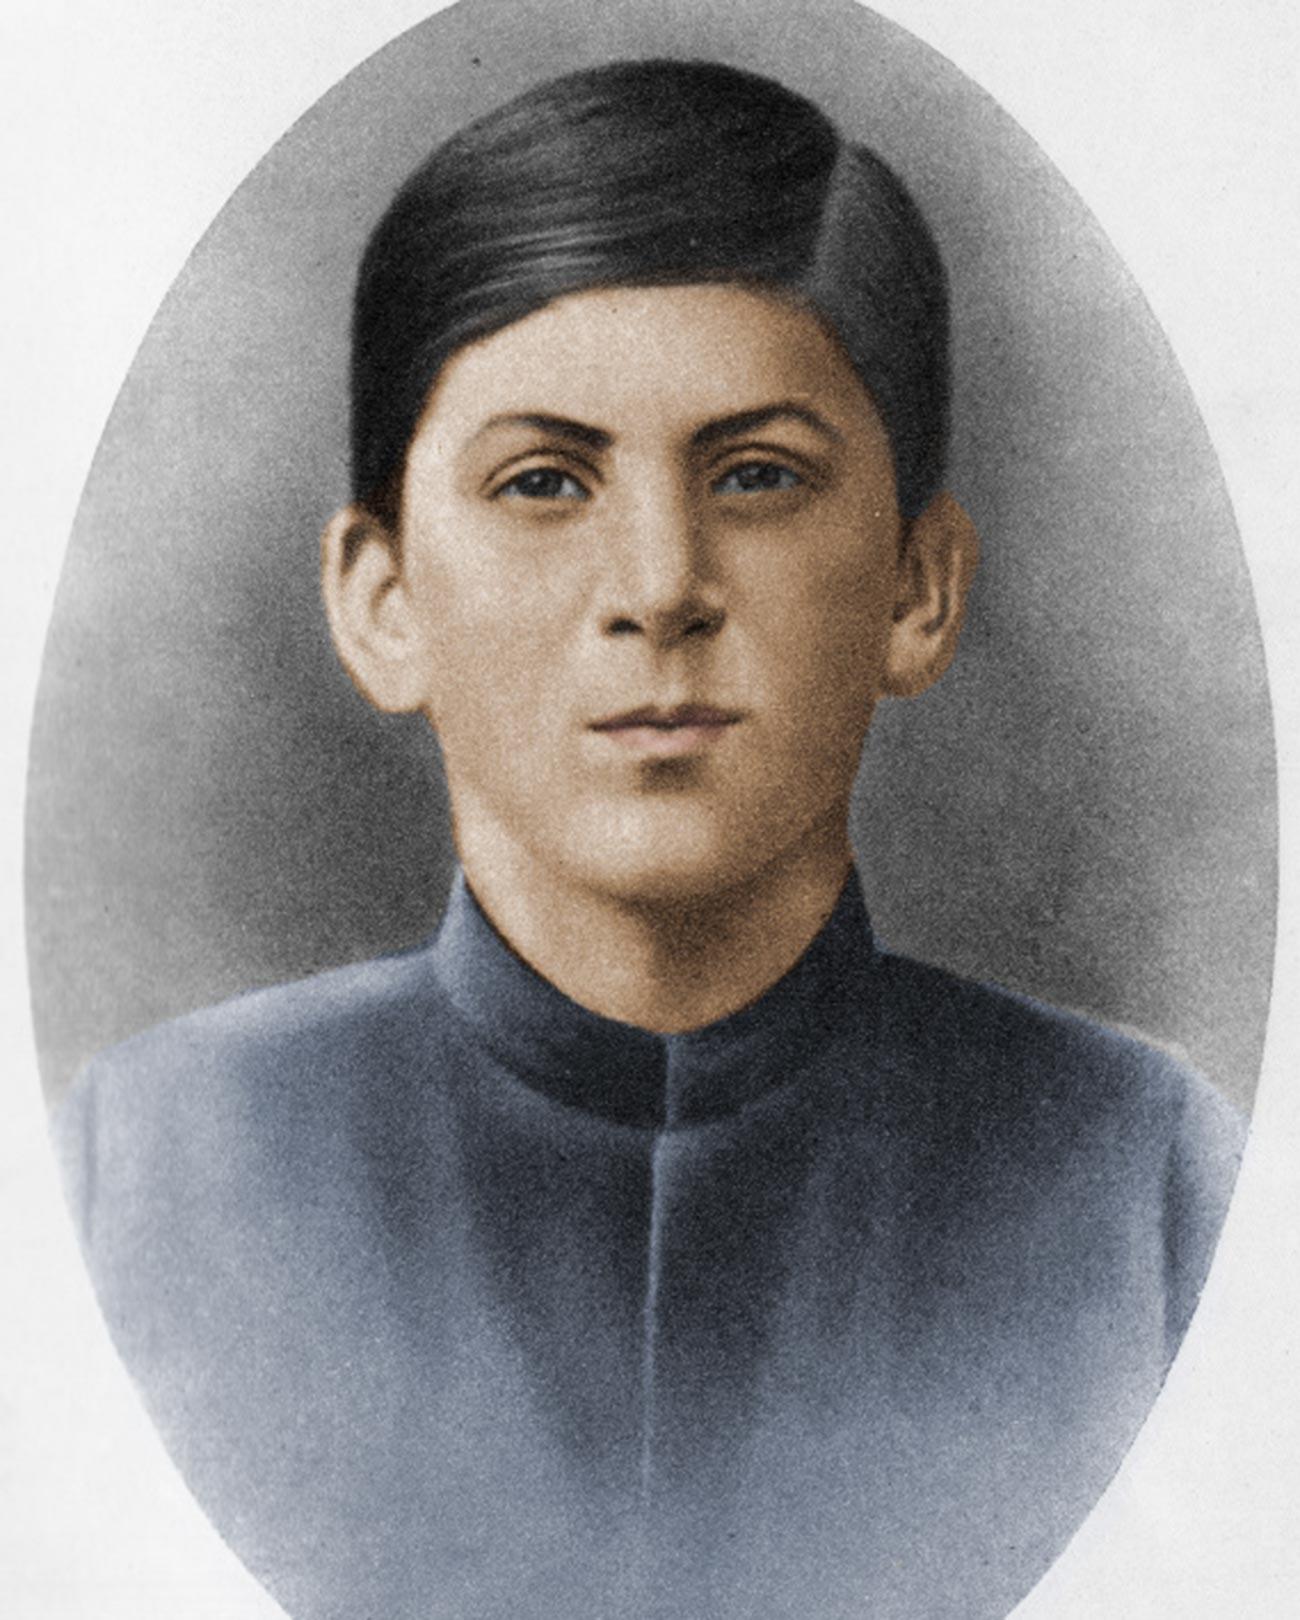 Портрет Сталина в 1894-м.